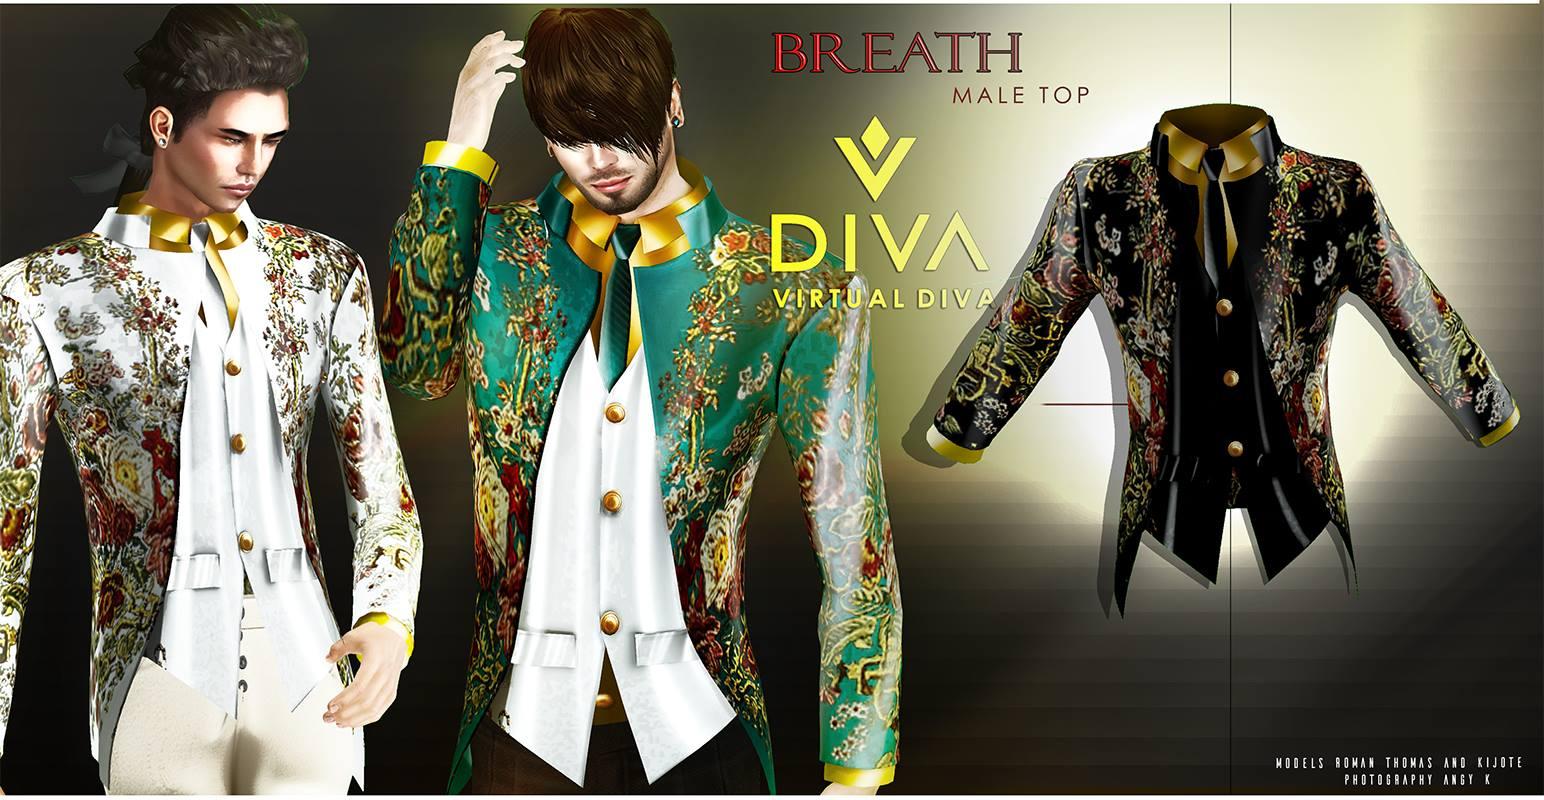 Virtual diva couture breath male top virtual diva for Diva couture